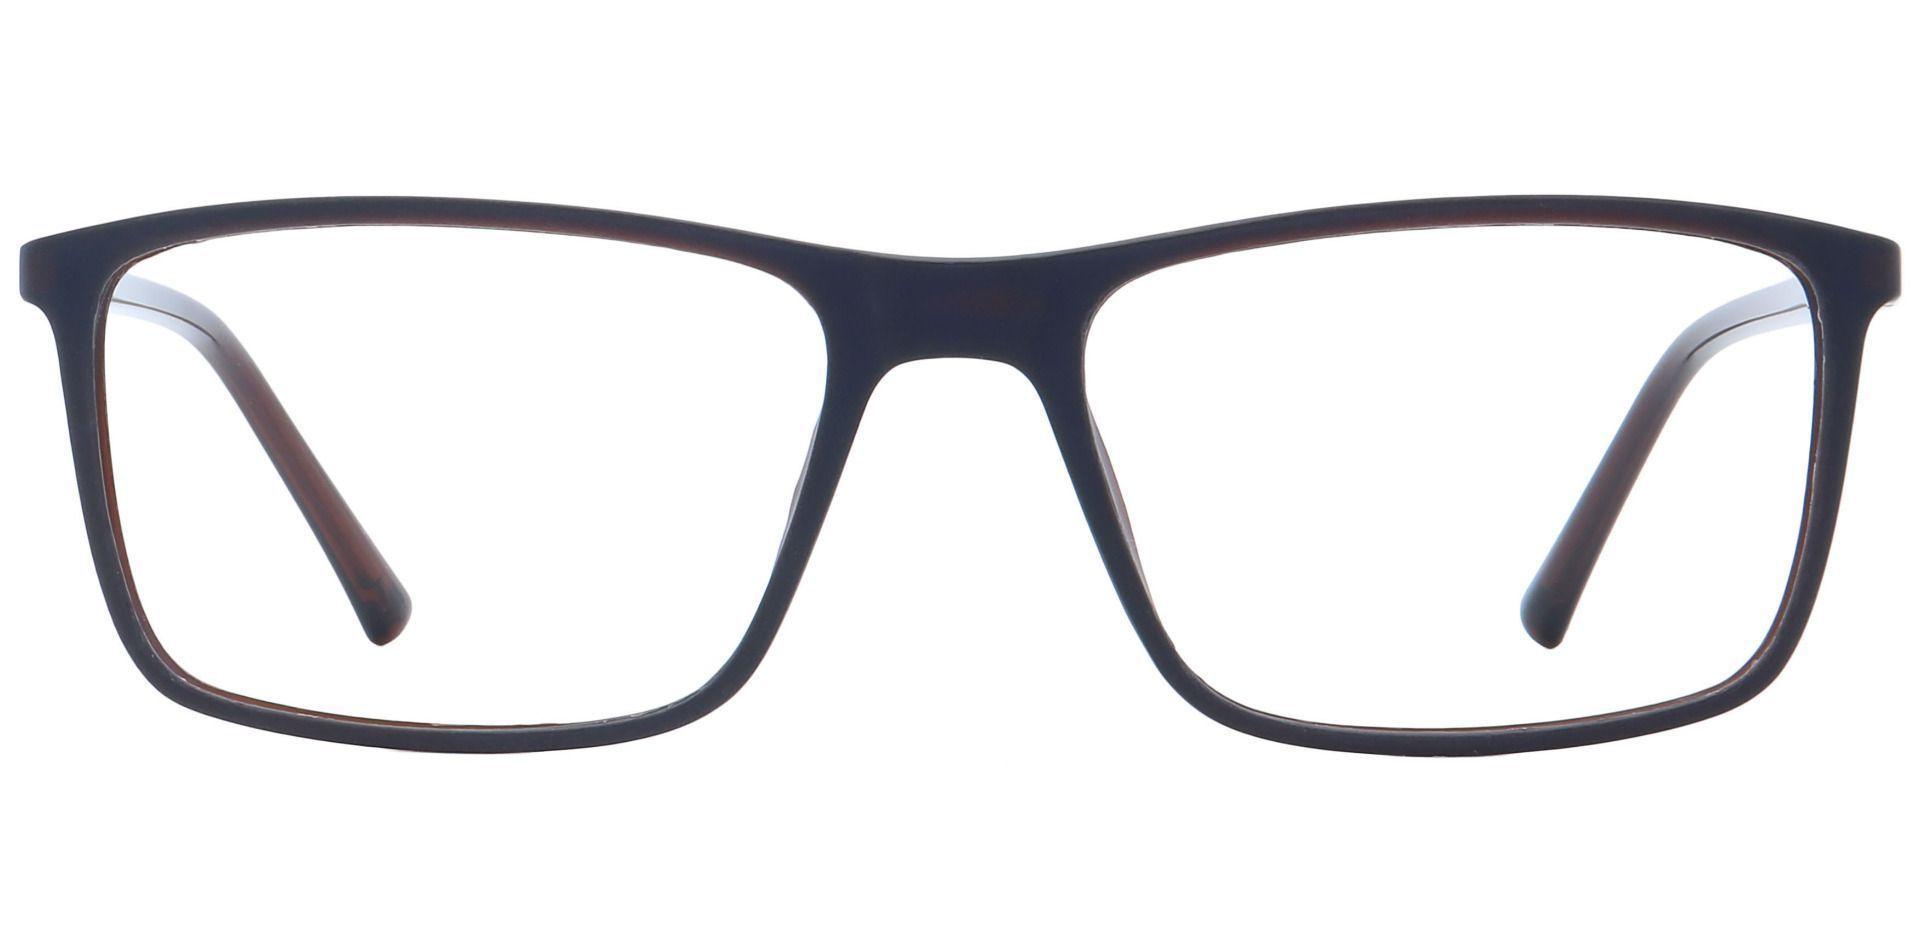 Quest Rectangle Prescription Glasses - Brown